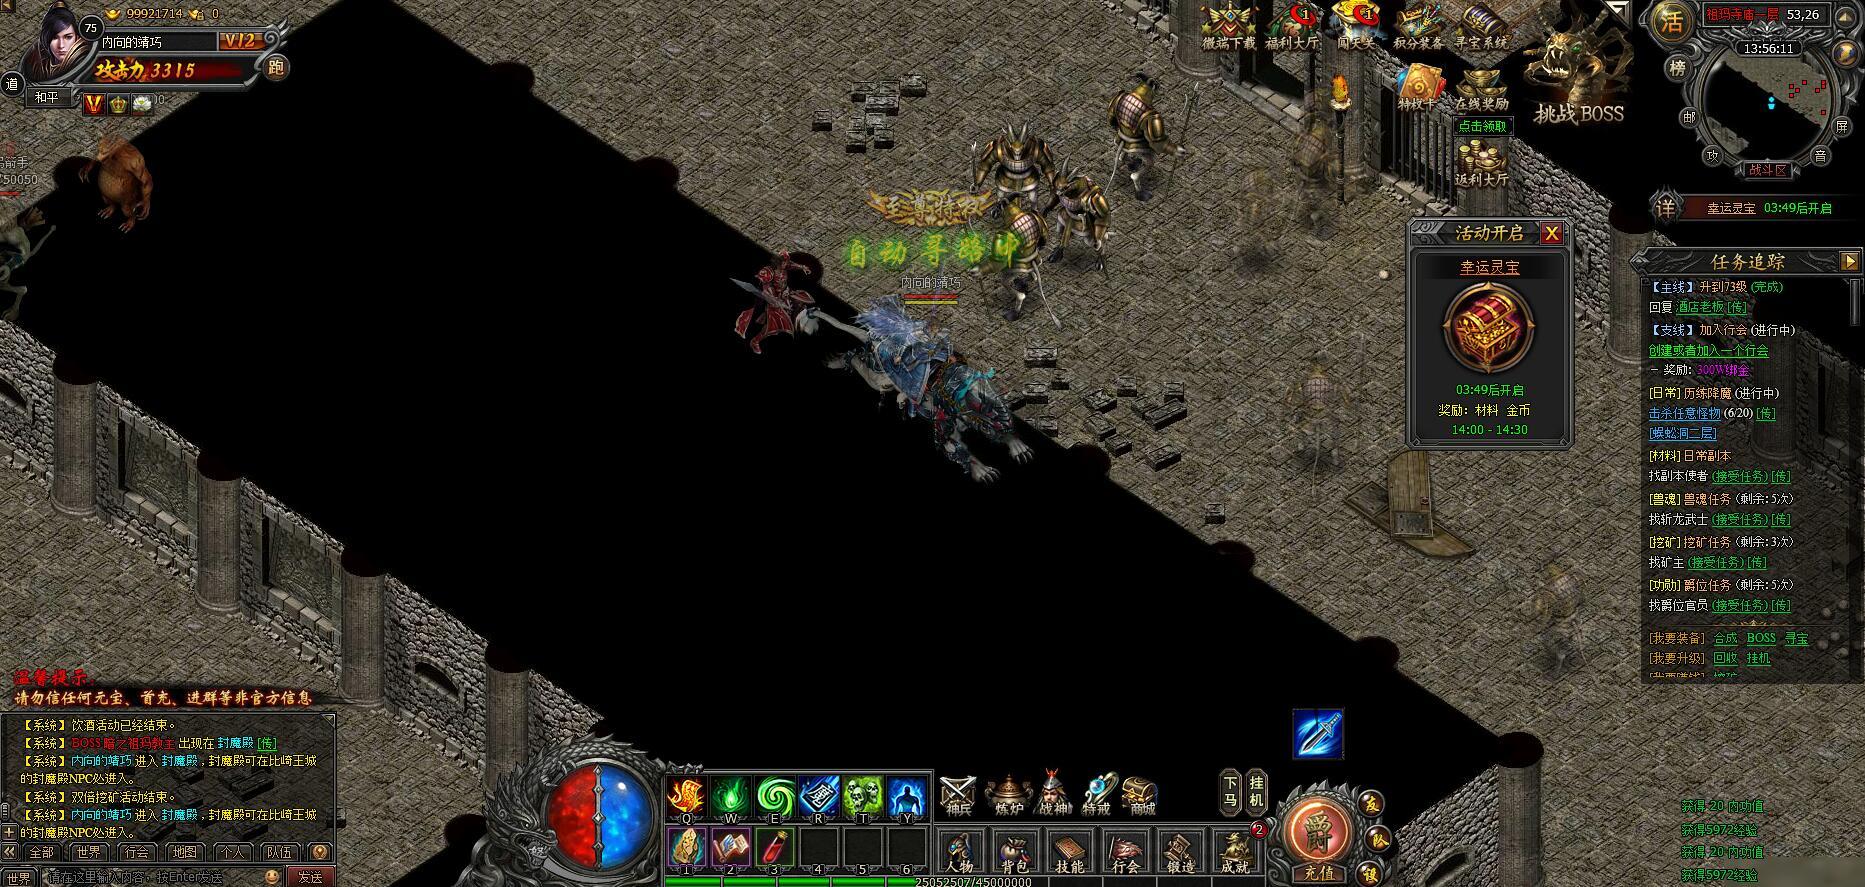 天魔传说游戏截图2